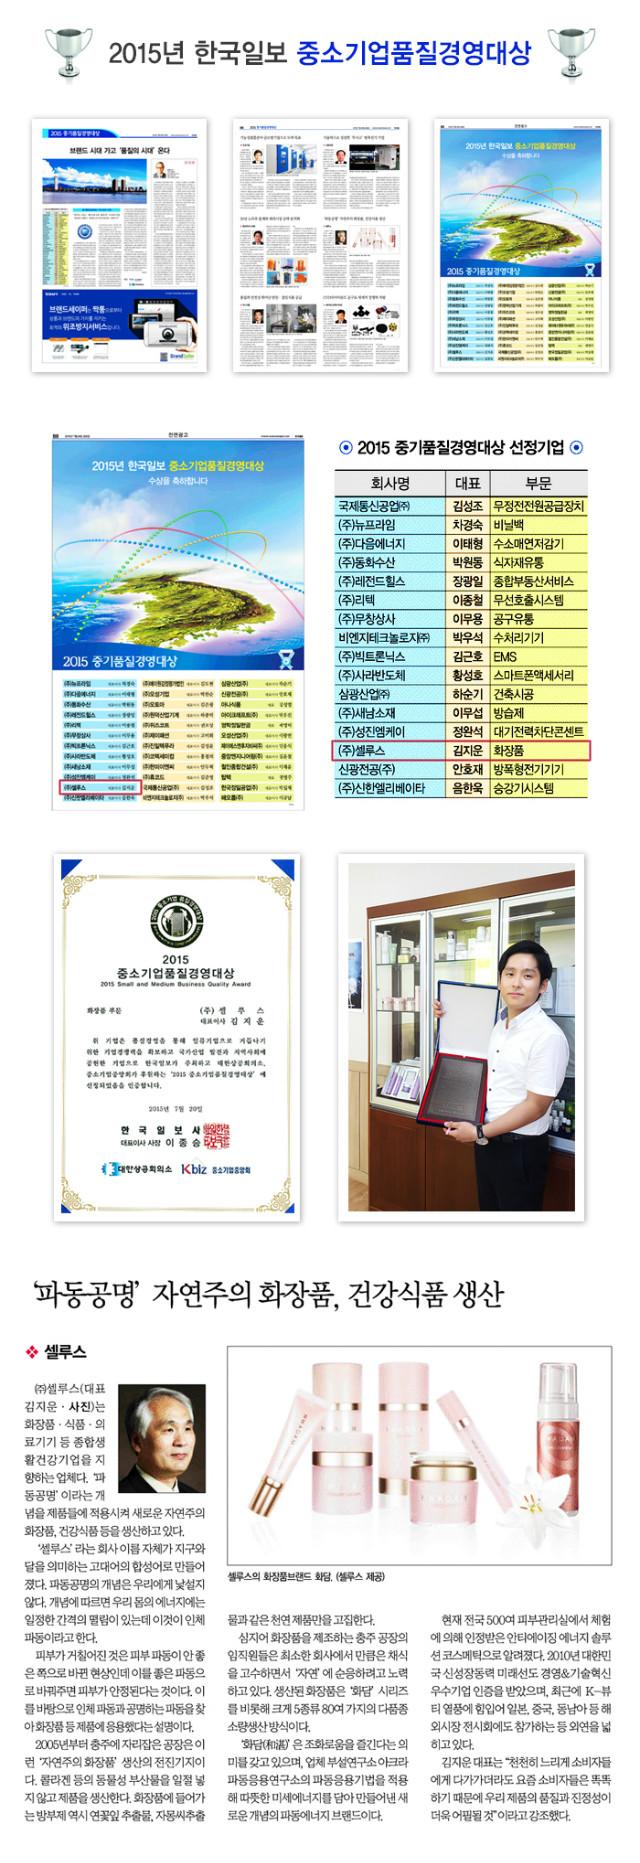 2015 중소기업품질경영대상 기사.jpg